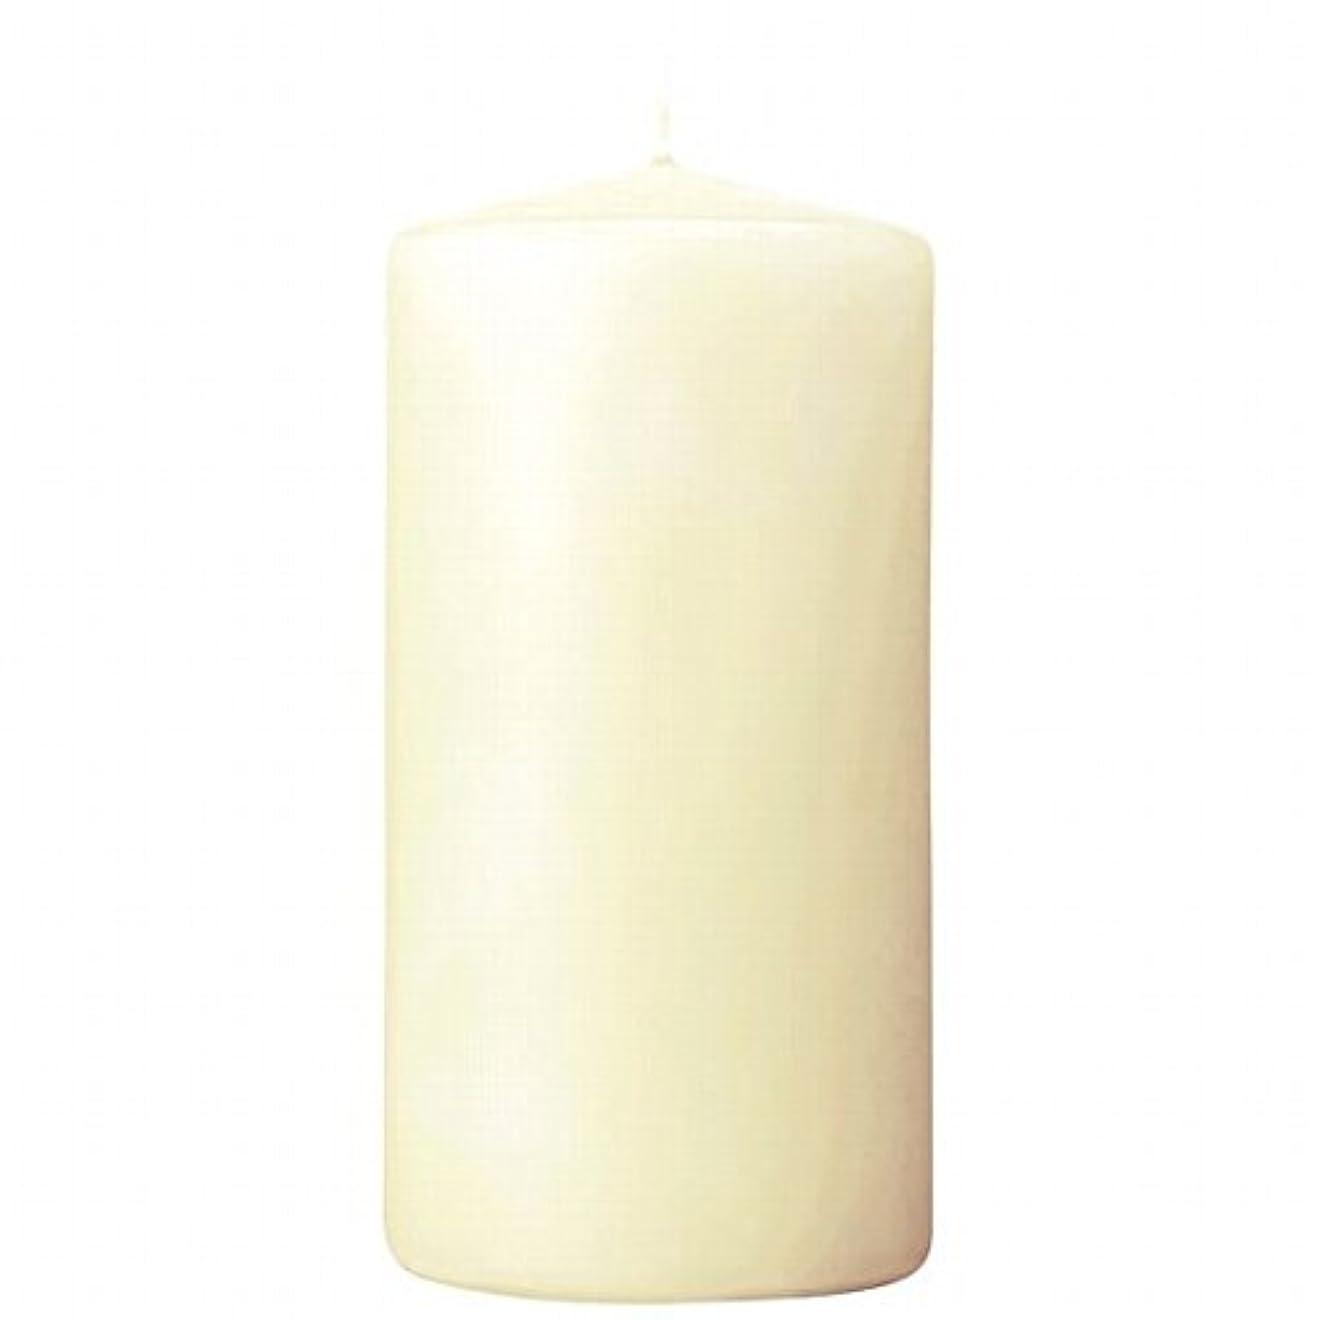 下に局太陽カメヤマキャンドル(kameyama candle) 3×6ベルトップピラーキャンドル 「 アイボリー 」